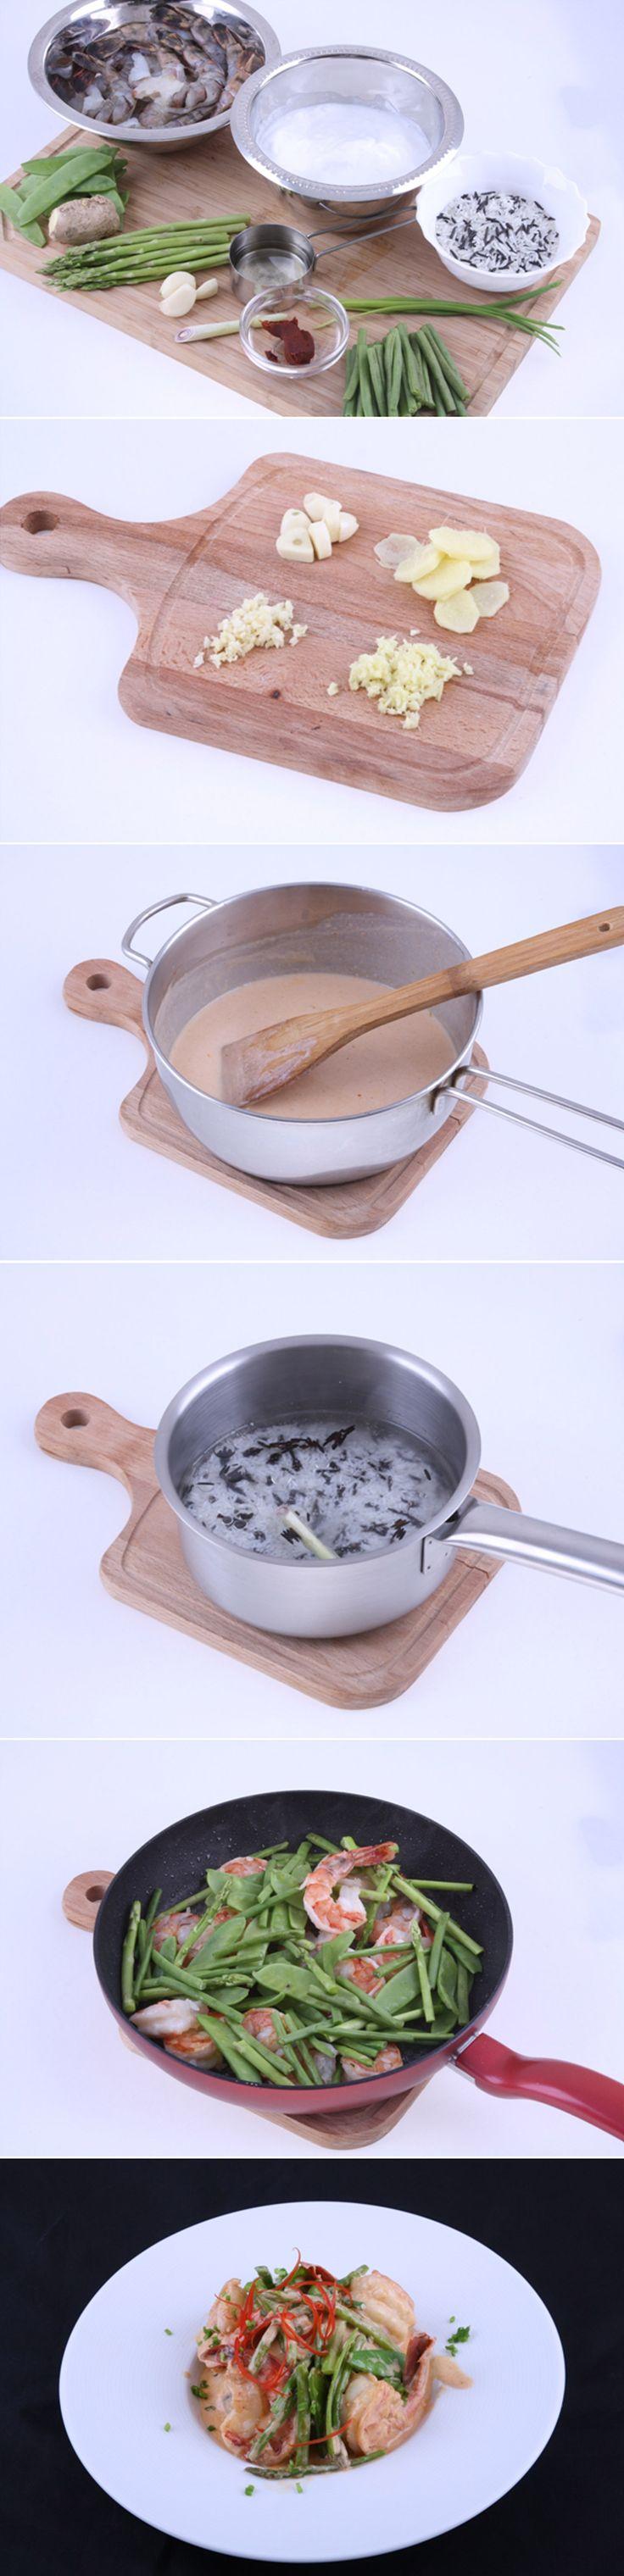 Креветки Карри. Блюдо с невероятным, насыщенным ароматом и пикантным вкусом! Они отлично гармонируют с рисом, при этом готовится легко и быстро! Это беспроигрышный вариант, если хотите удивить и порадовать близкого человека. Полный список ингредиентов и способ приготовления блюда вы можете увидеть в...http://vk.com/dinnerday; http://instagram.com/dinnerday #креветки #кулинария #карри #рецепт #рис #спаржа #еда #рецепты #dinnerday #food #cook #recipe #recipes #shrimp #curry #rice #asparagus